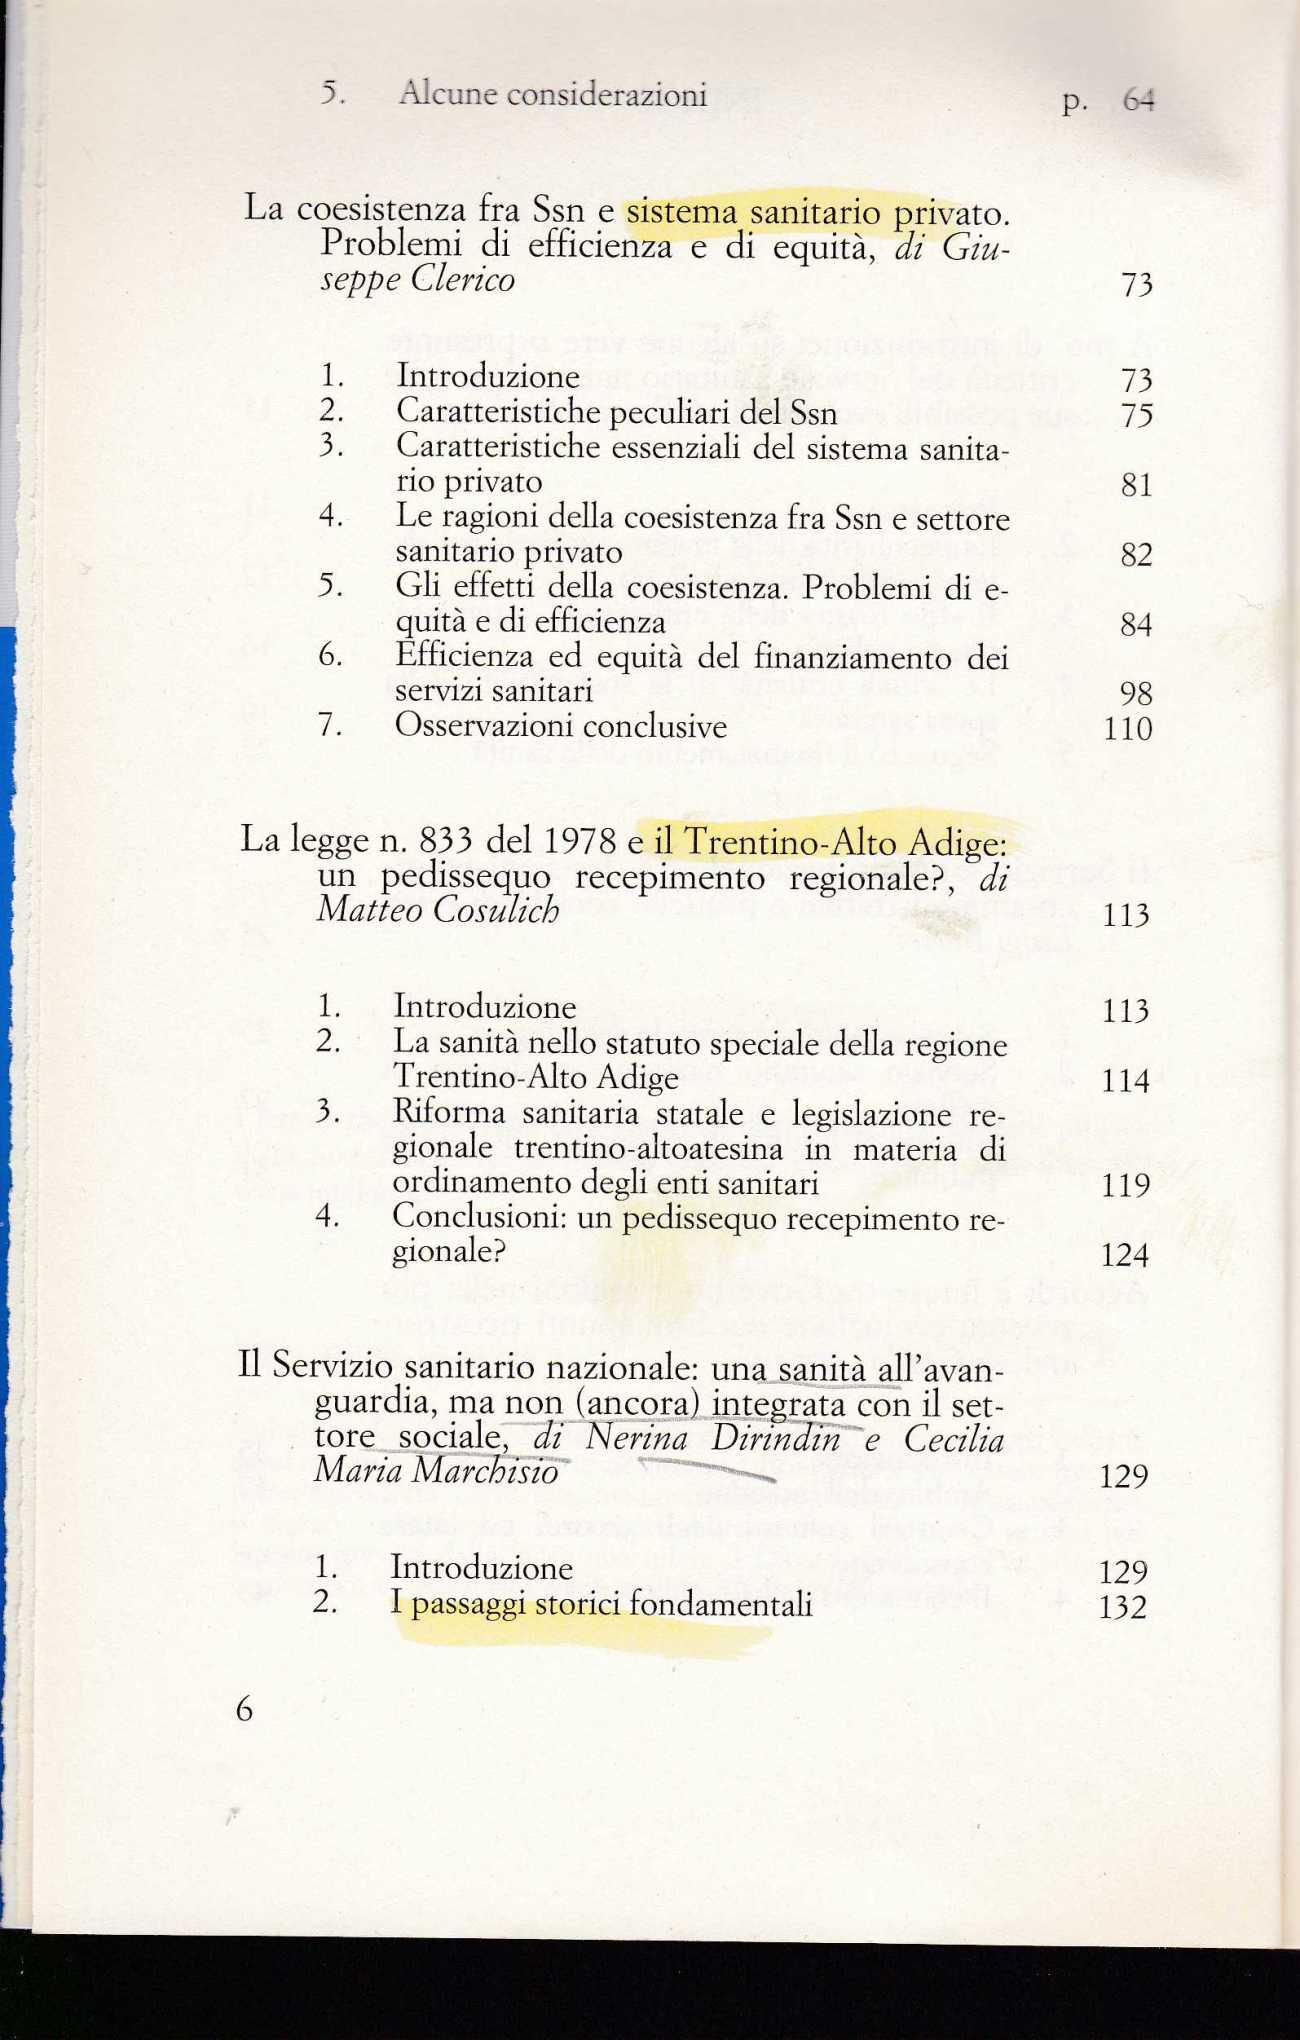 balduzzi1464